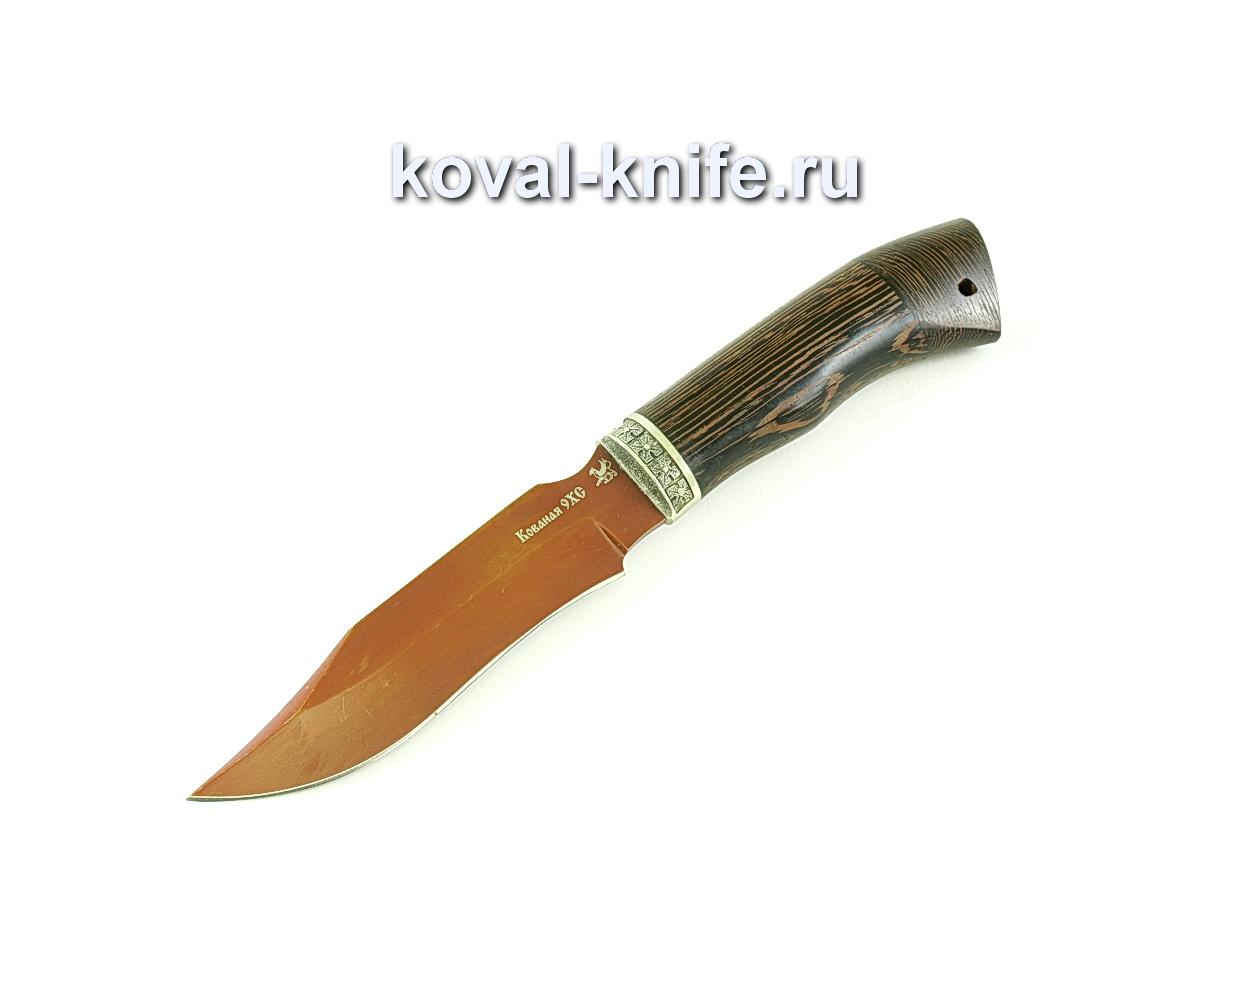 Нож Викинг-1 (сталь 9хс), рукоять венге, литье A121